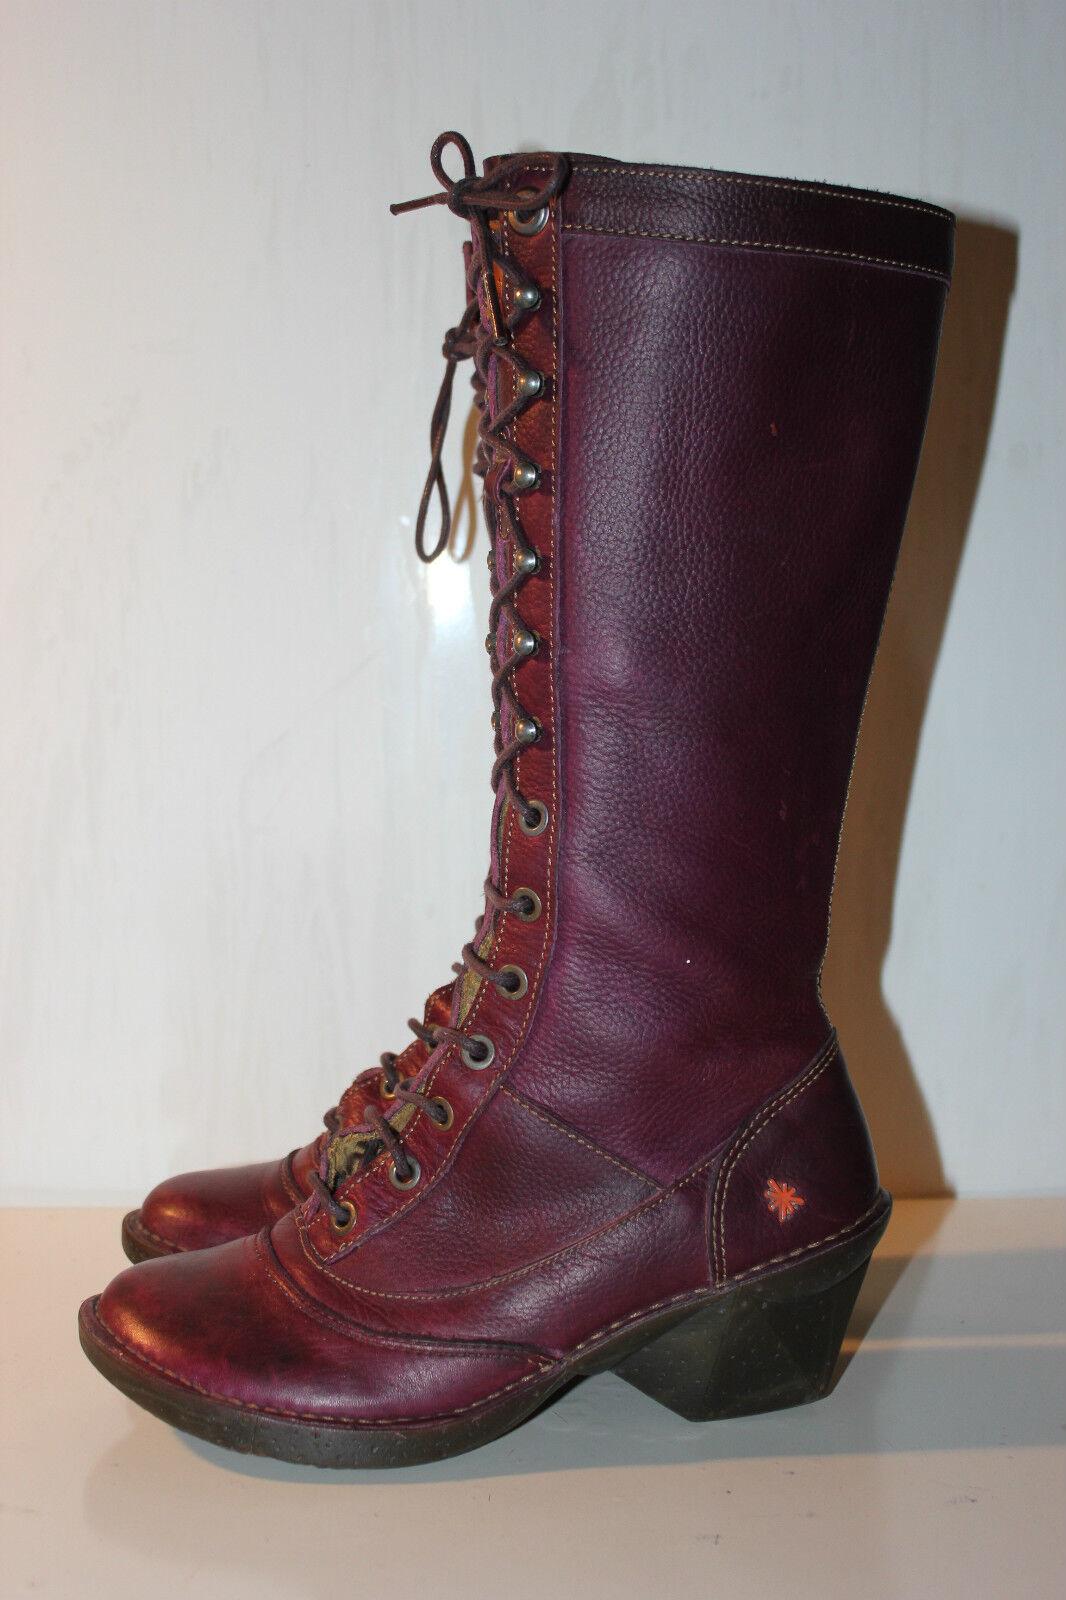 Art Company Oteiza hermosa púrpura oscuro botas, botas, botas, talla 36, np  suministramos lo mejor